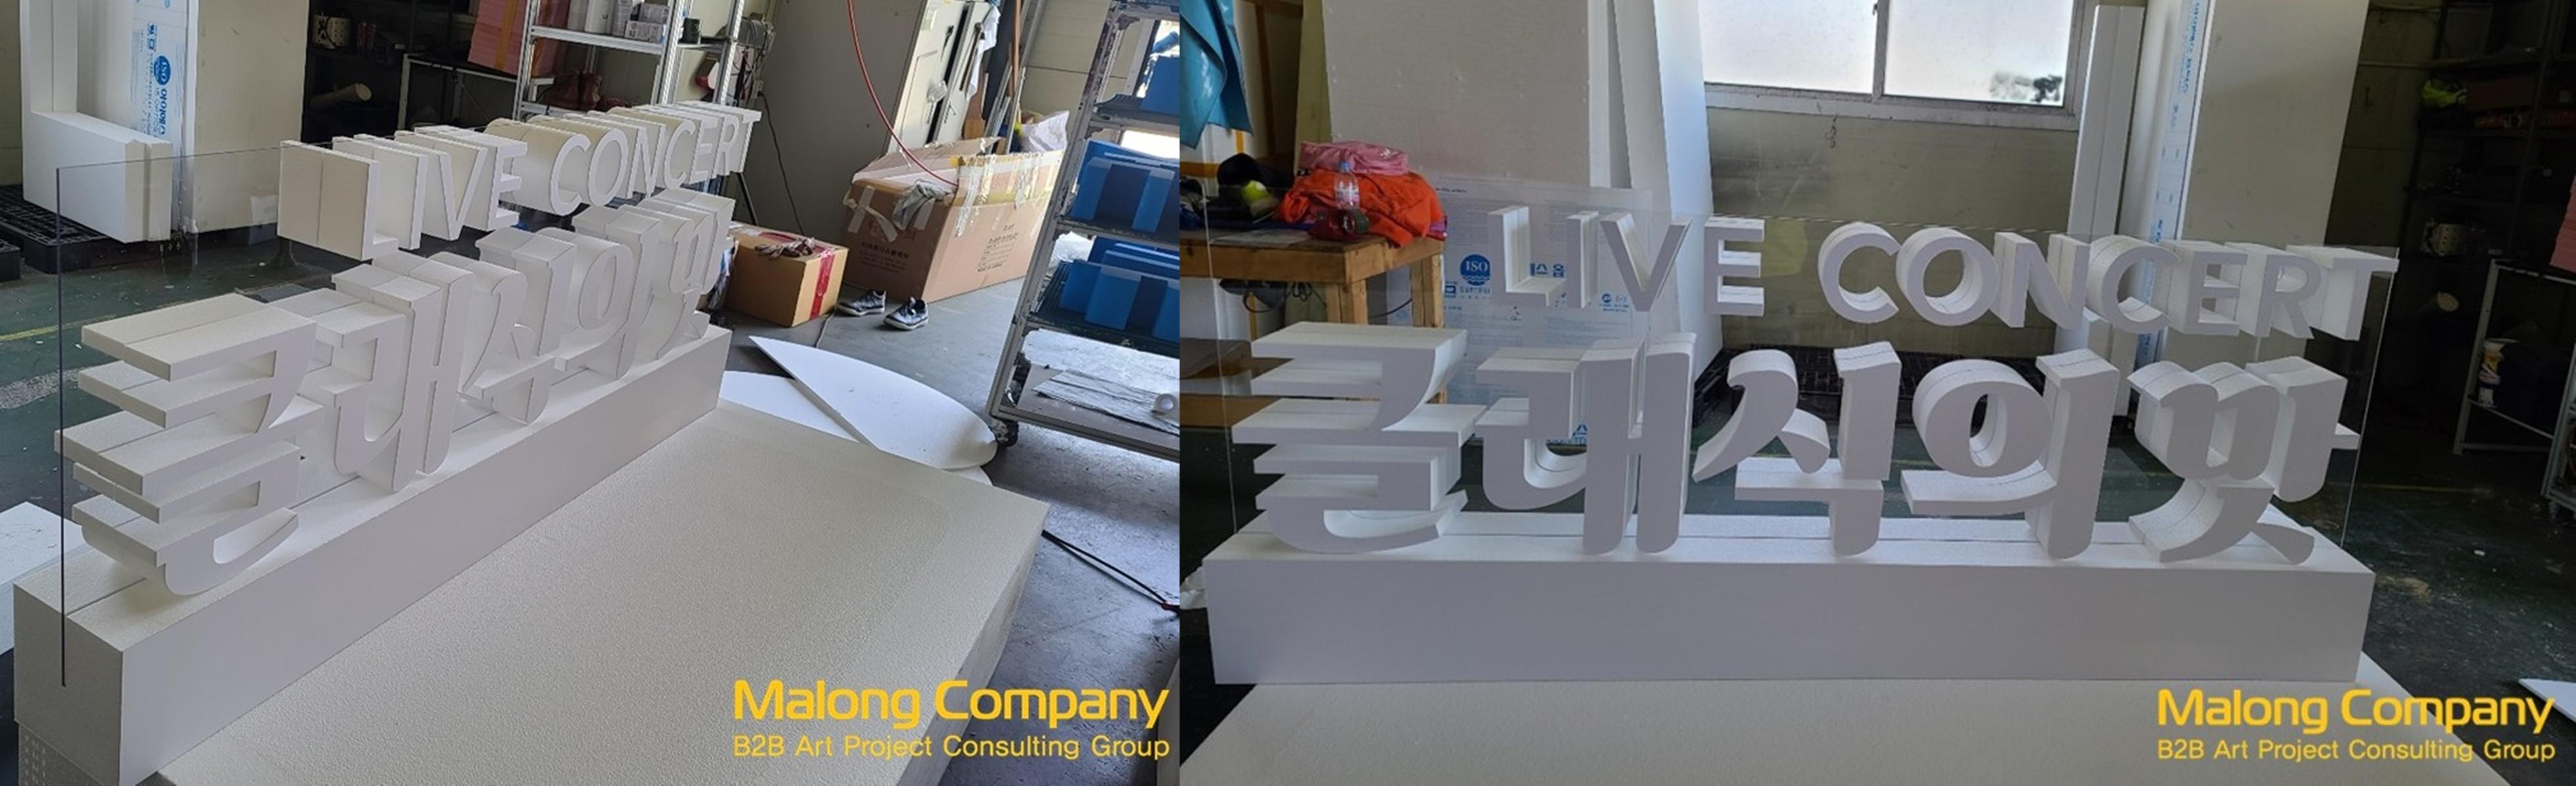 광명시민회관 공연 스티로폼 입체글자 조형물